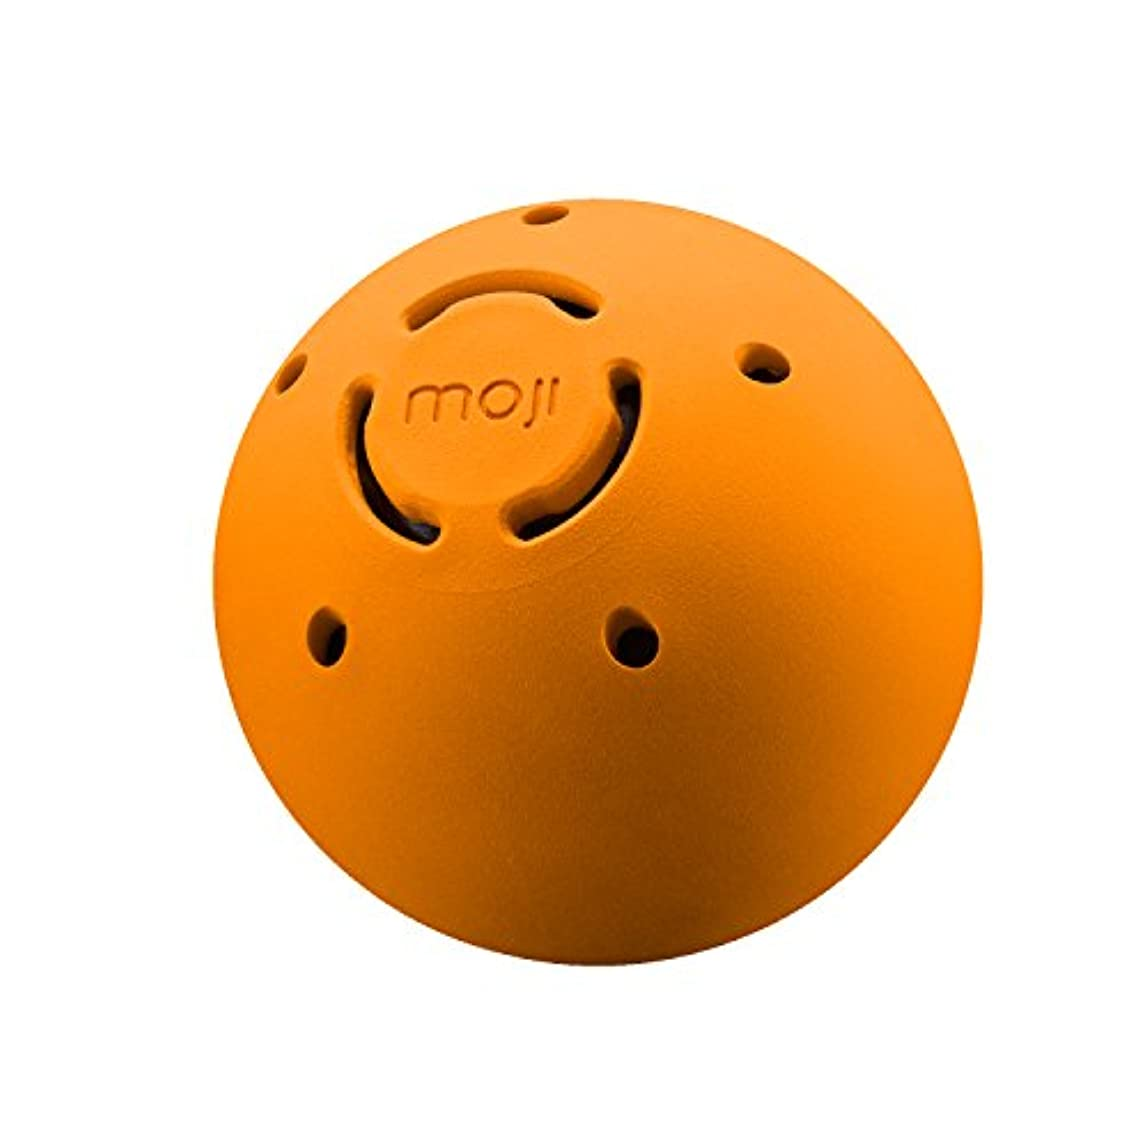 アルミニウムツイン代替案温熱 マッサージボール 筋肉の痛み 筋肉をほぐす 血流促進 MojiHeat Massage Ball (Large)